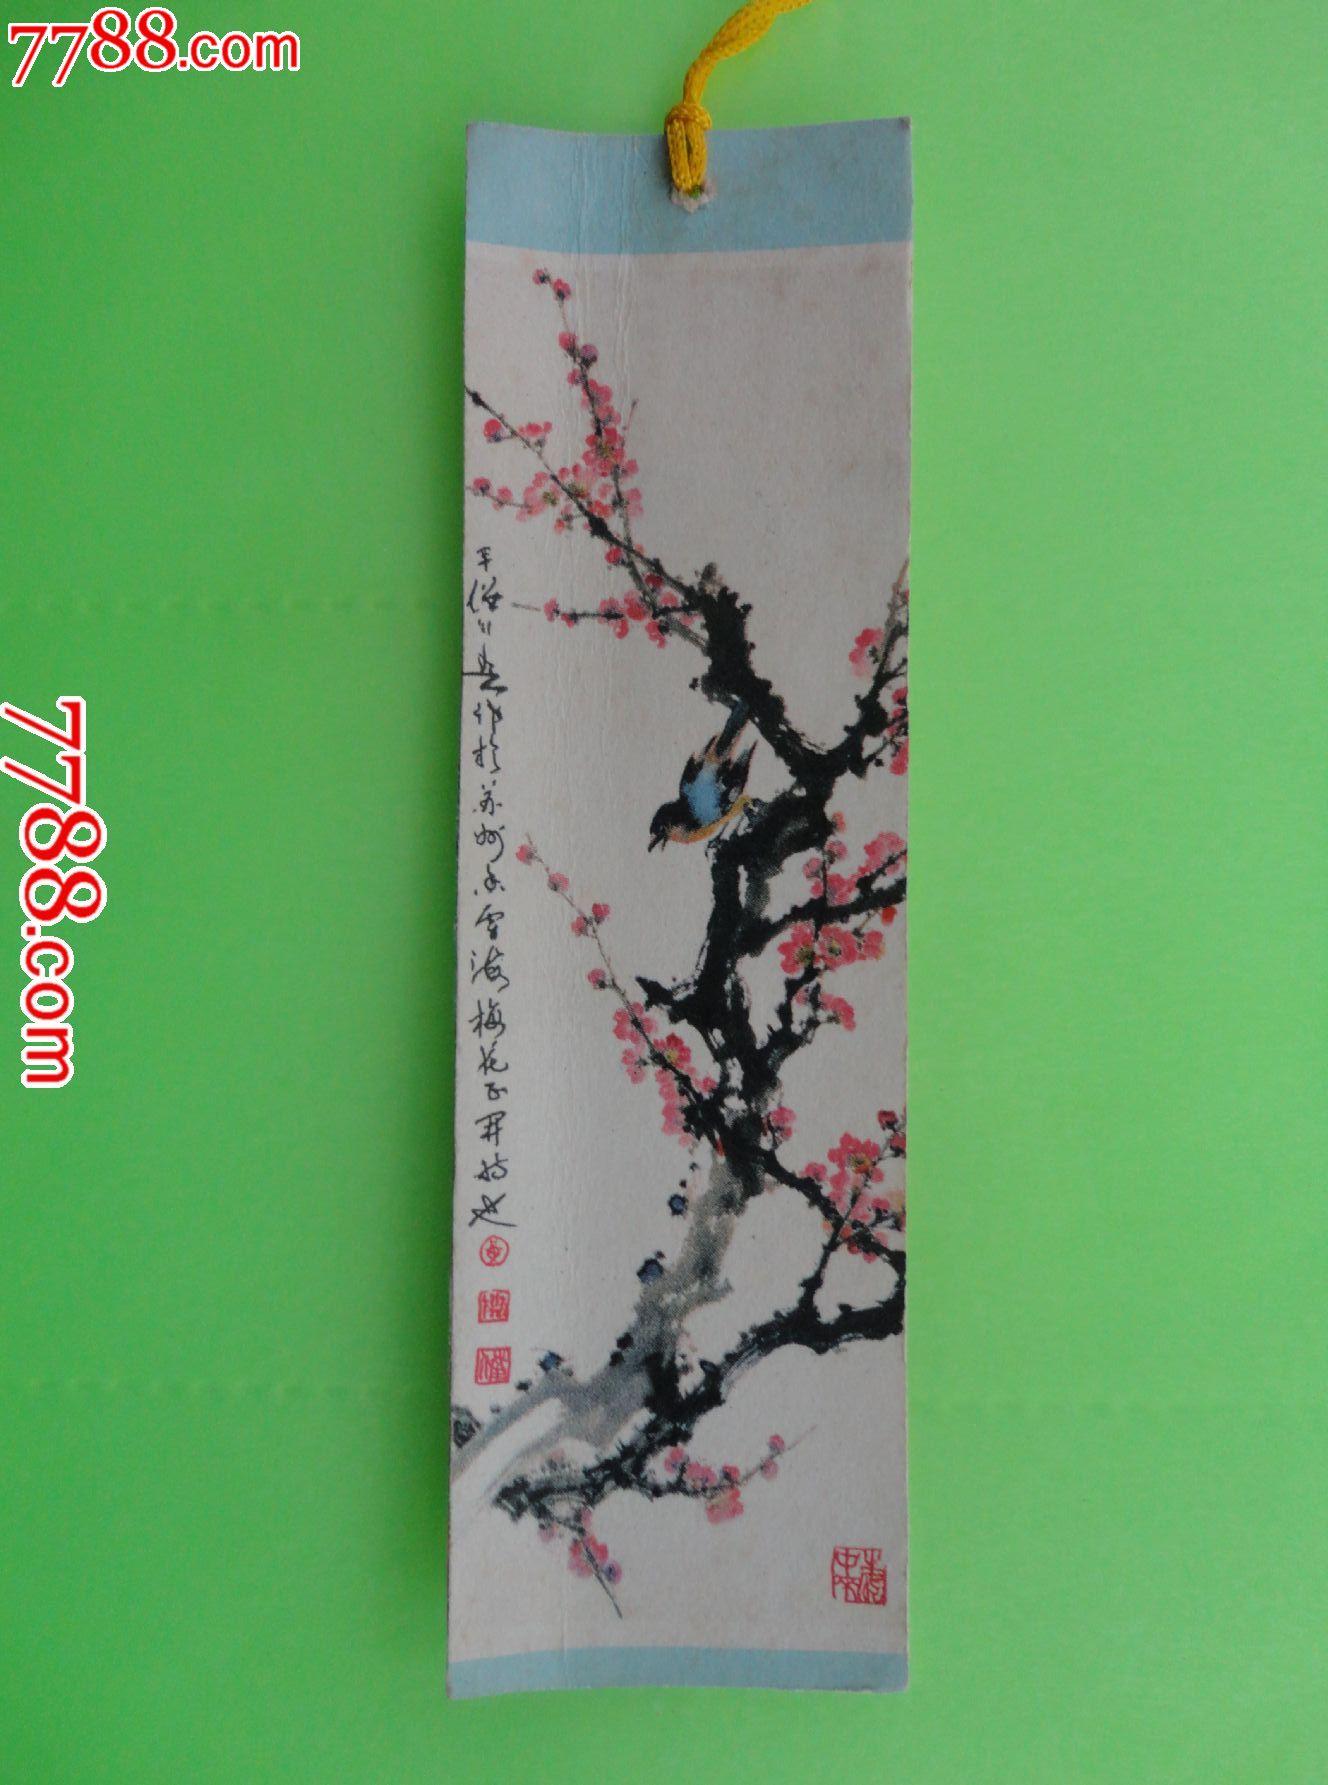 梅花-价格:3元-se21989858-书签/藏书票-零售-中国